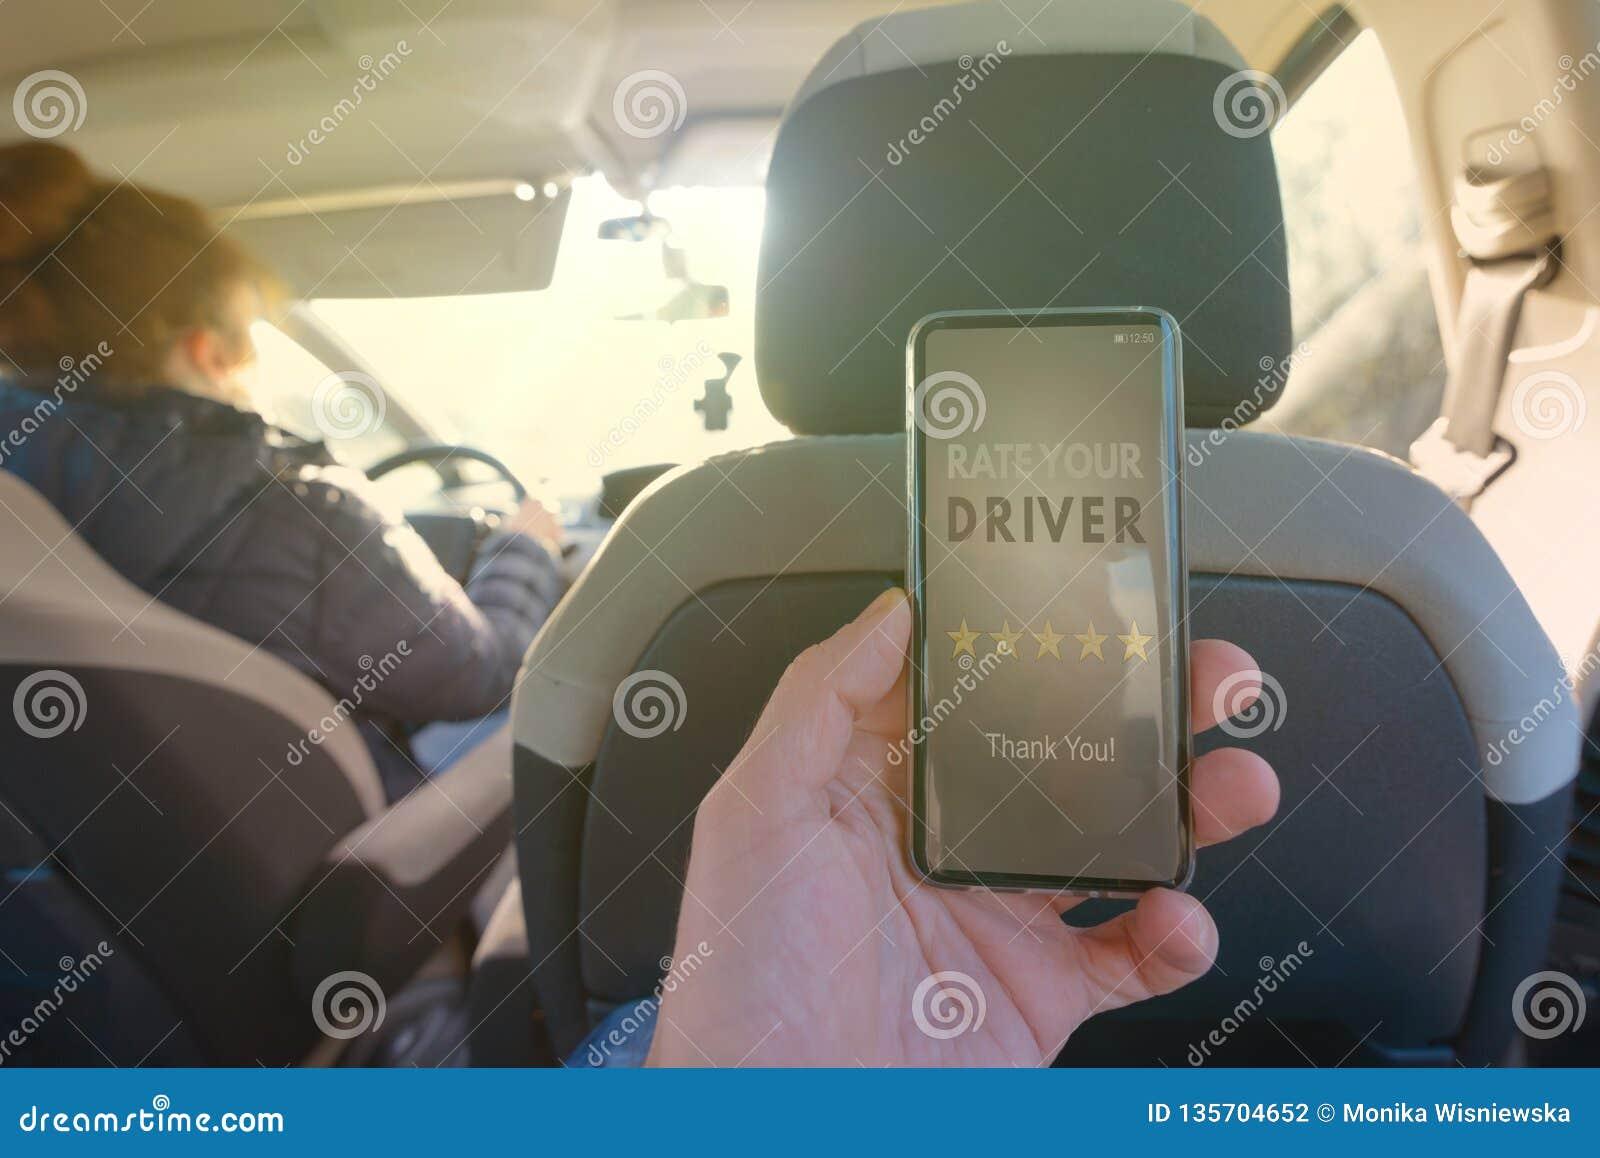 Passeggero che per mezzo del app dello Smart Phone per valutare un taxi o un autista ridesharing peer-to-peer moderno